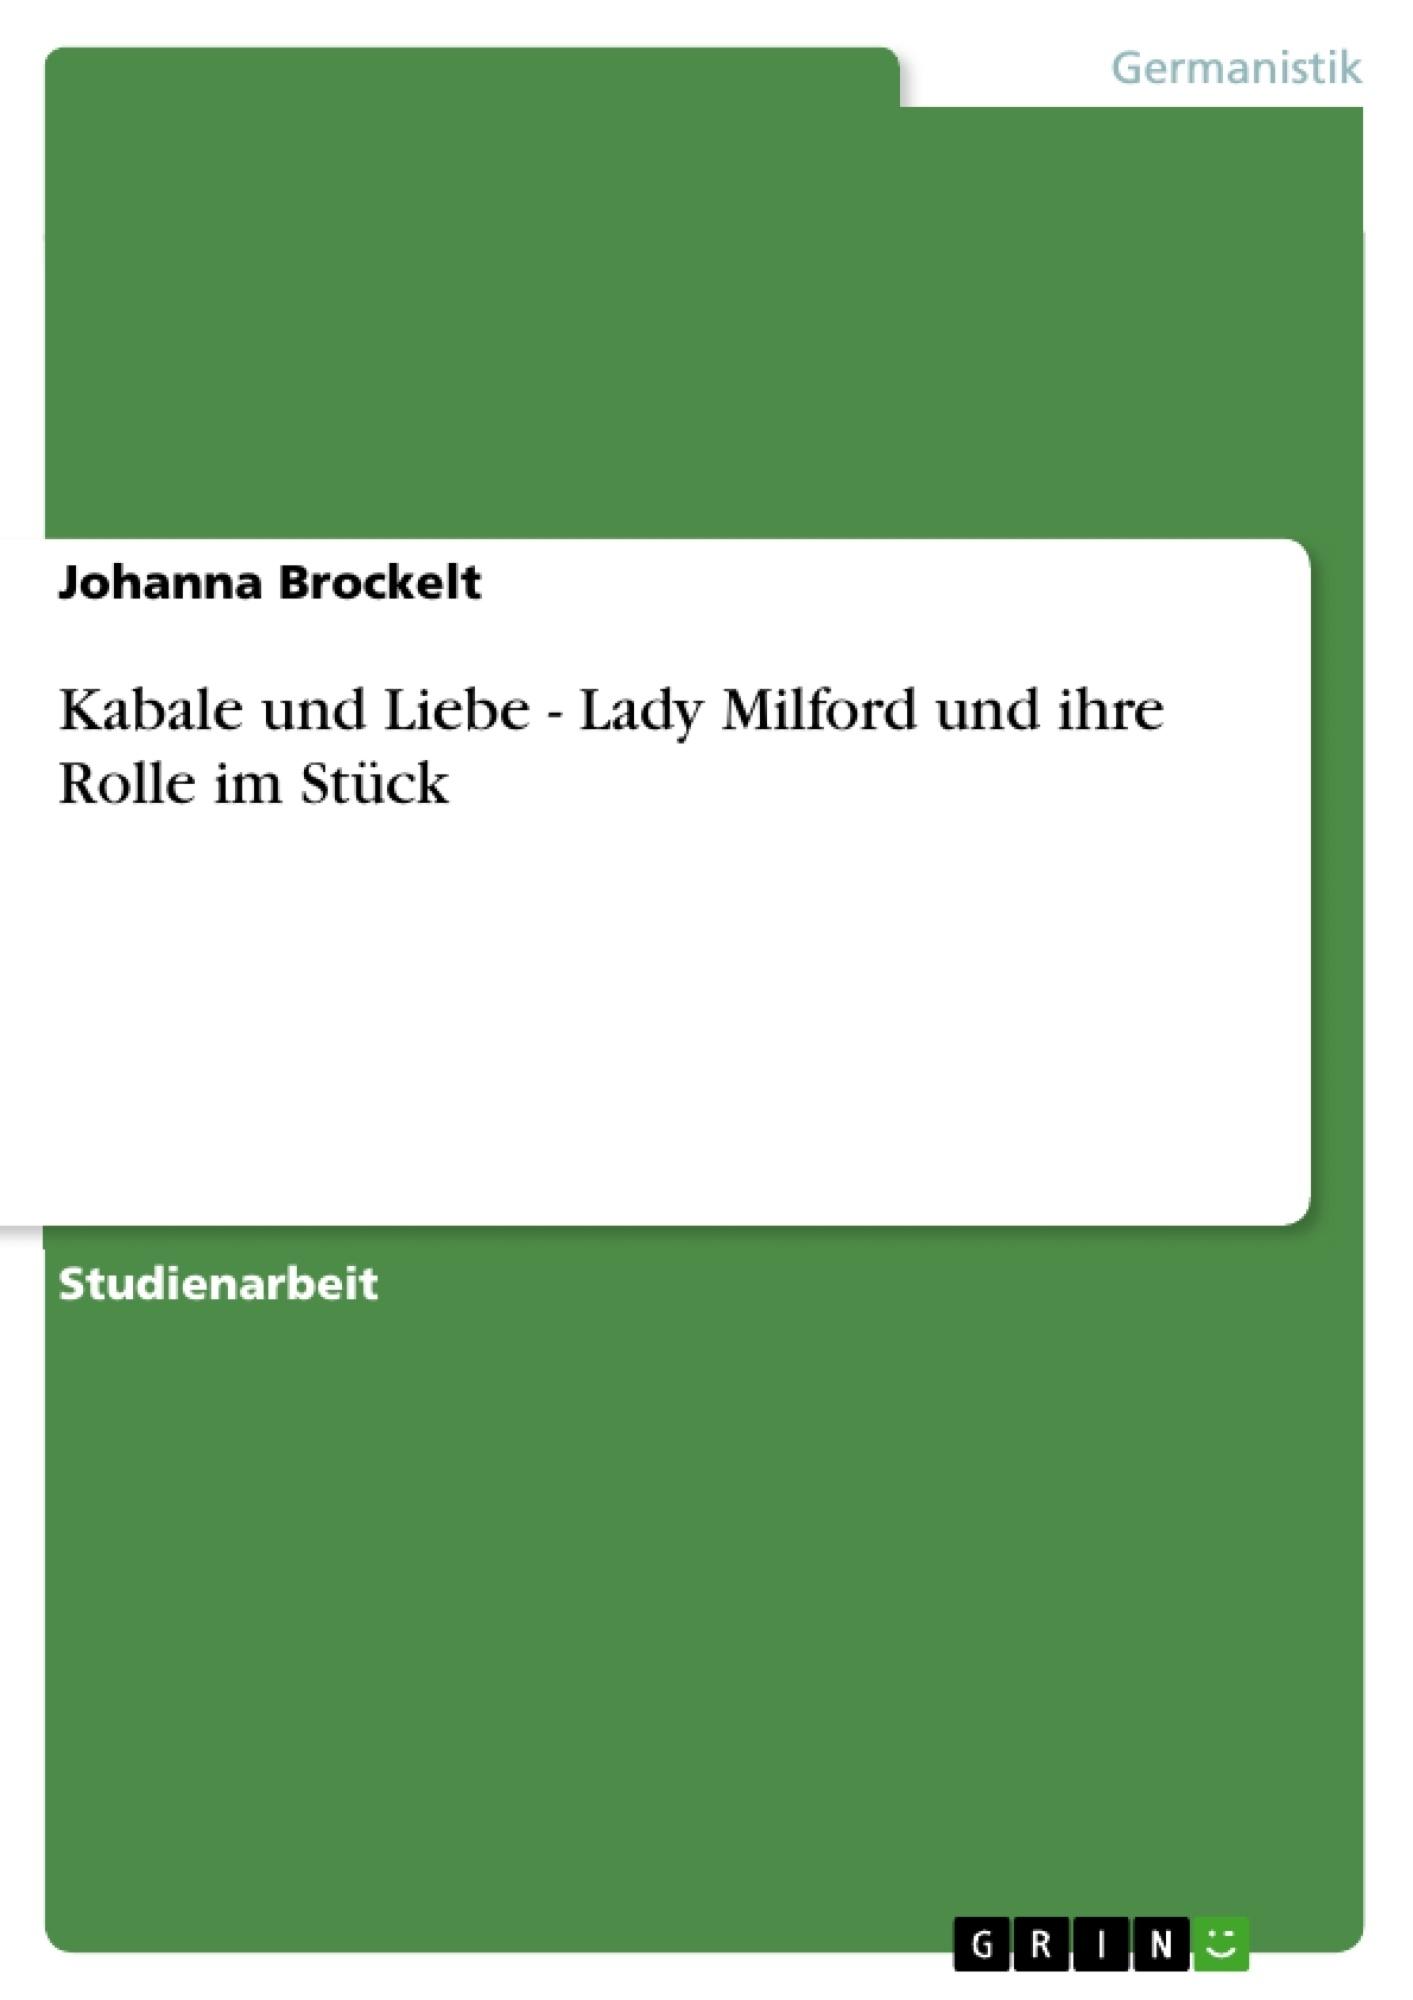 Titel: Kabale und Liebe - Lady Milford und ihre Rolle im Stück